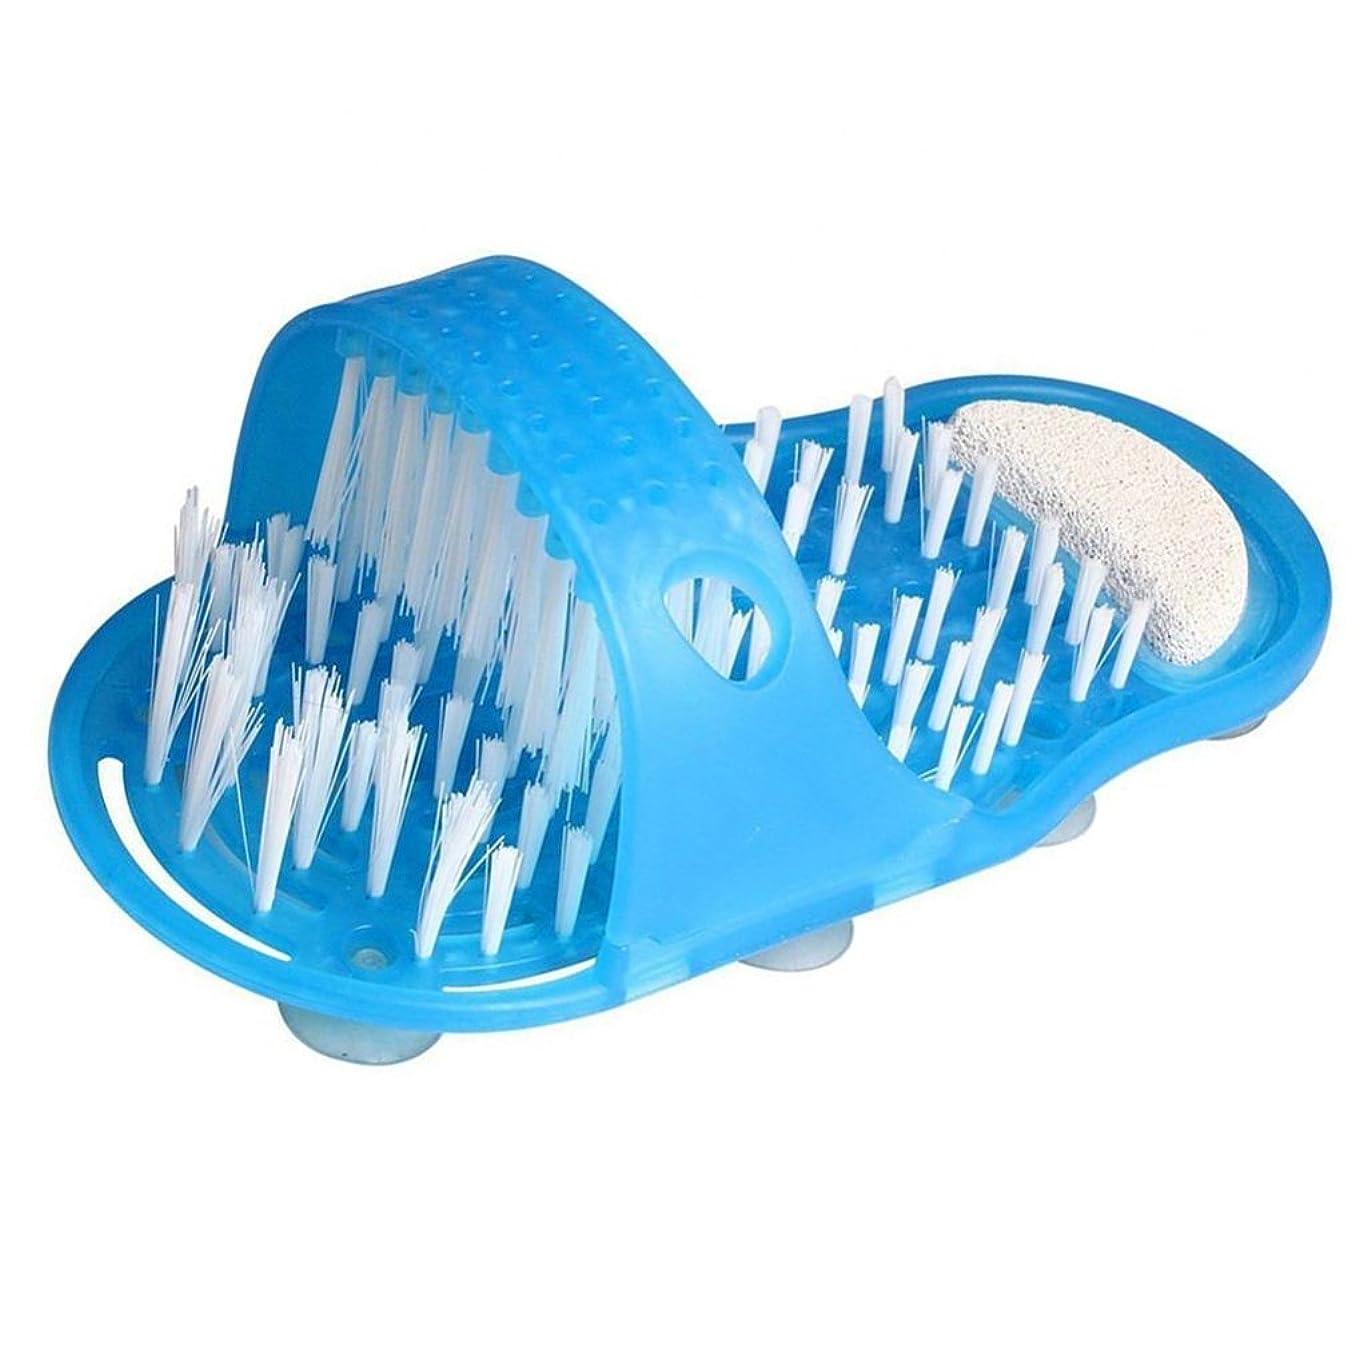 再発する磁石余計なCUTICATE フットマッサージスクラバー シャワー バスルームスリッパ フィートケア マッサージャー